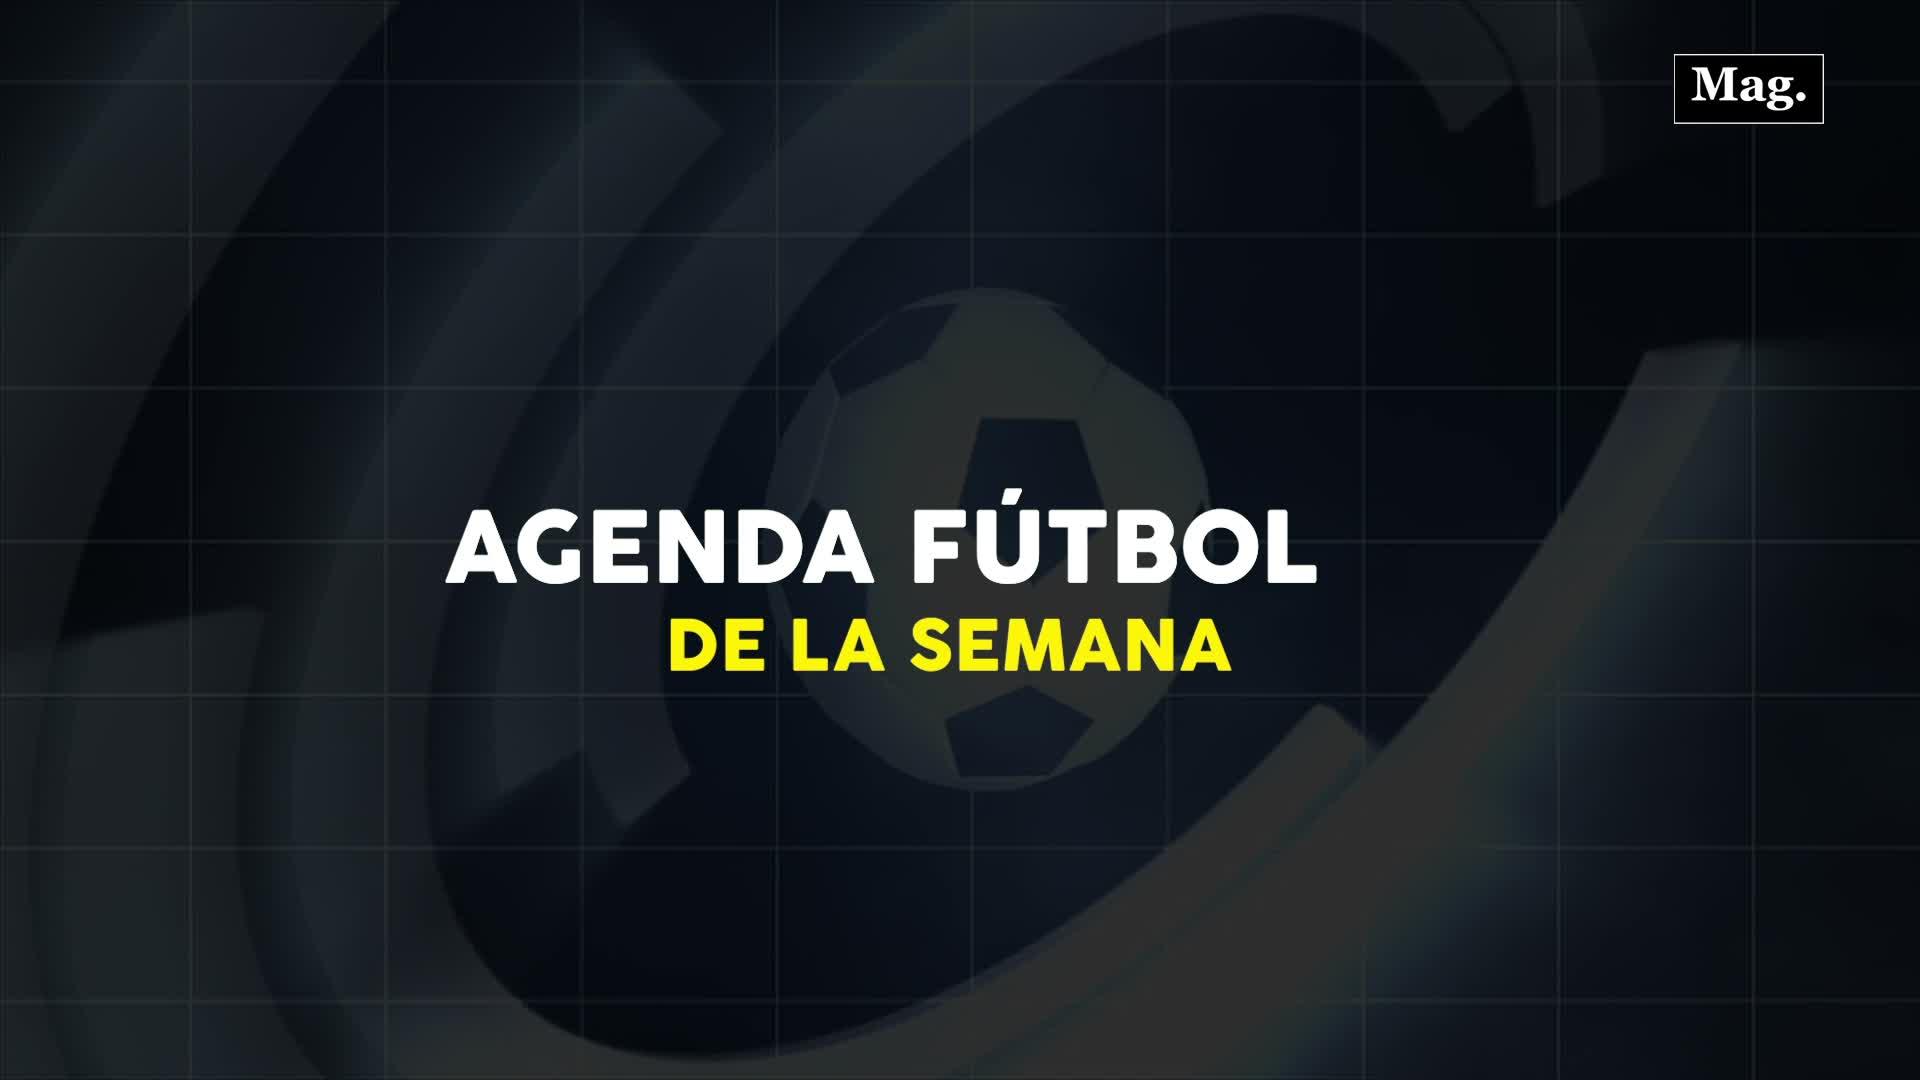 Conoce la agenda de fútbol para hoy martes 28